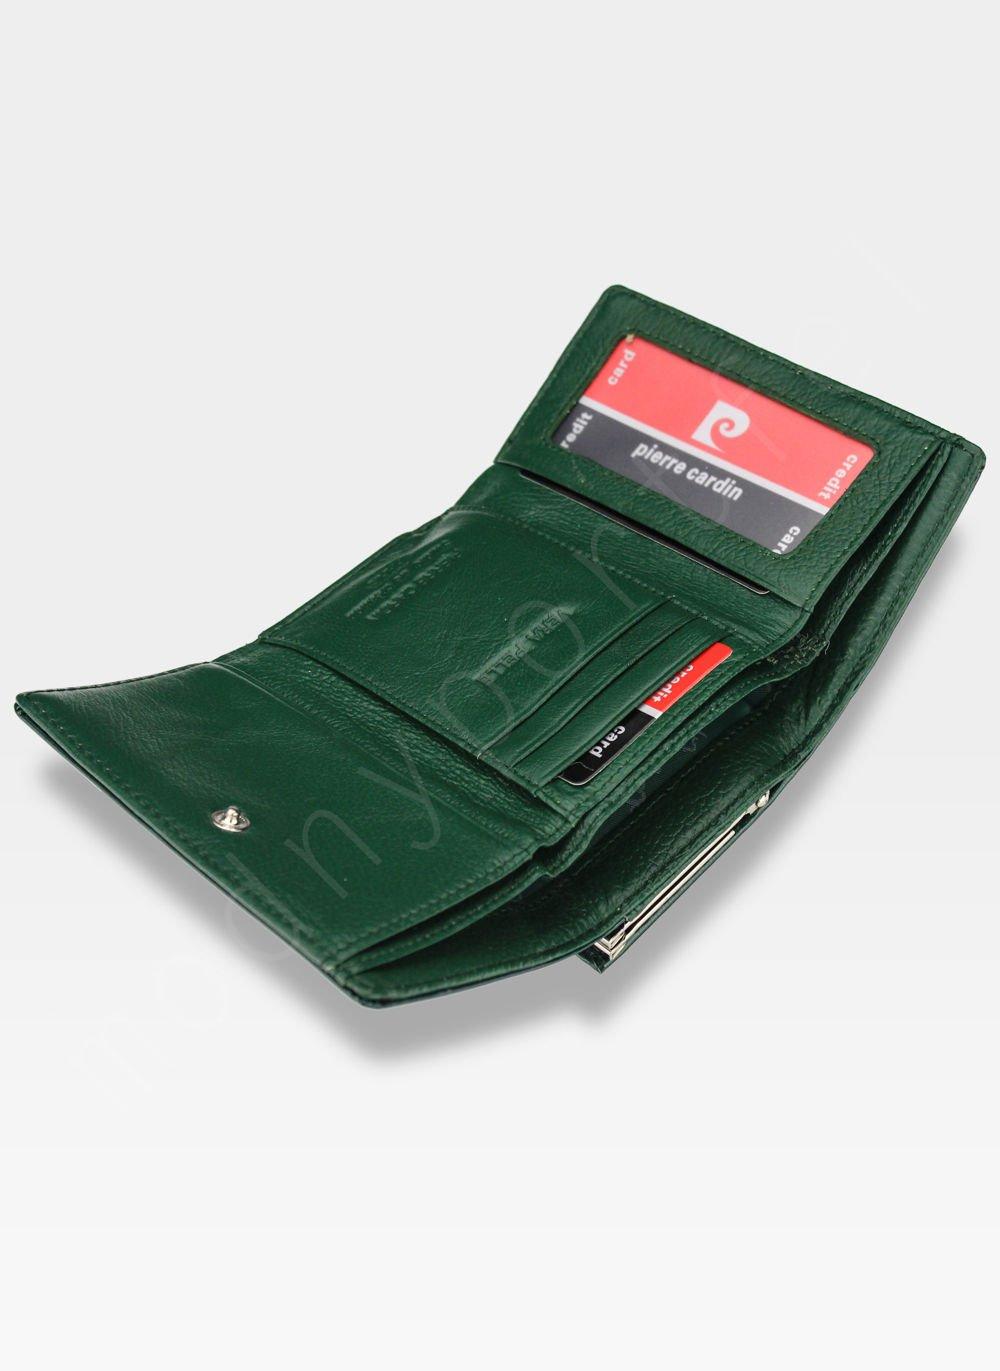 111e0aebbeb5 ... Portfel Damski Pierre Cardin Skórzany Zielony w Liście 117 Kliknij